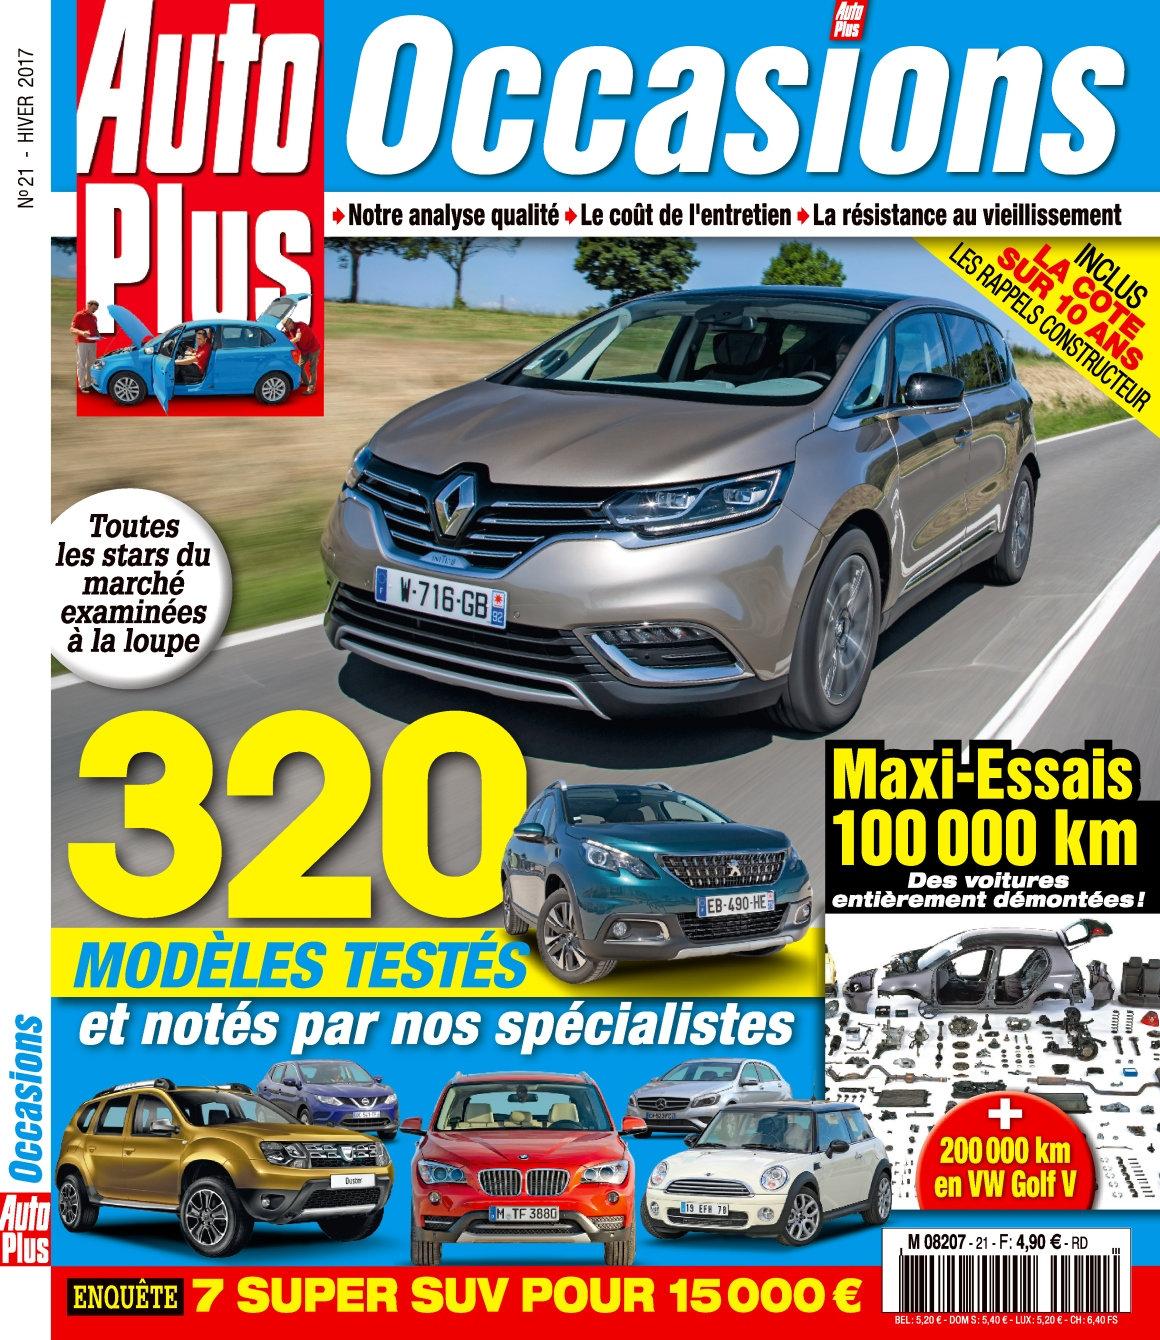 Auto Plus Occasions 21 - Hiver 2017